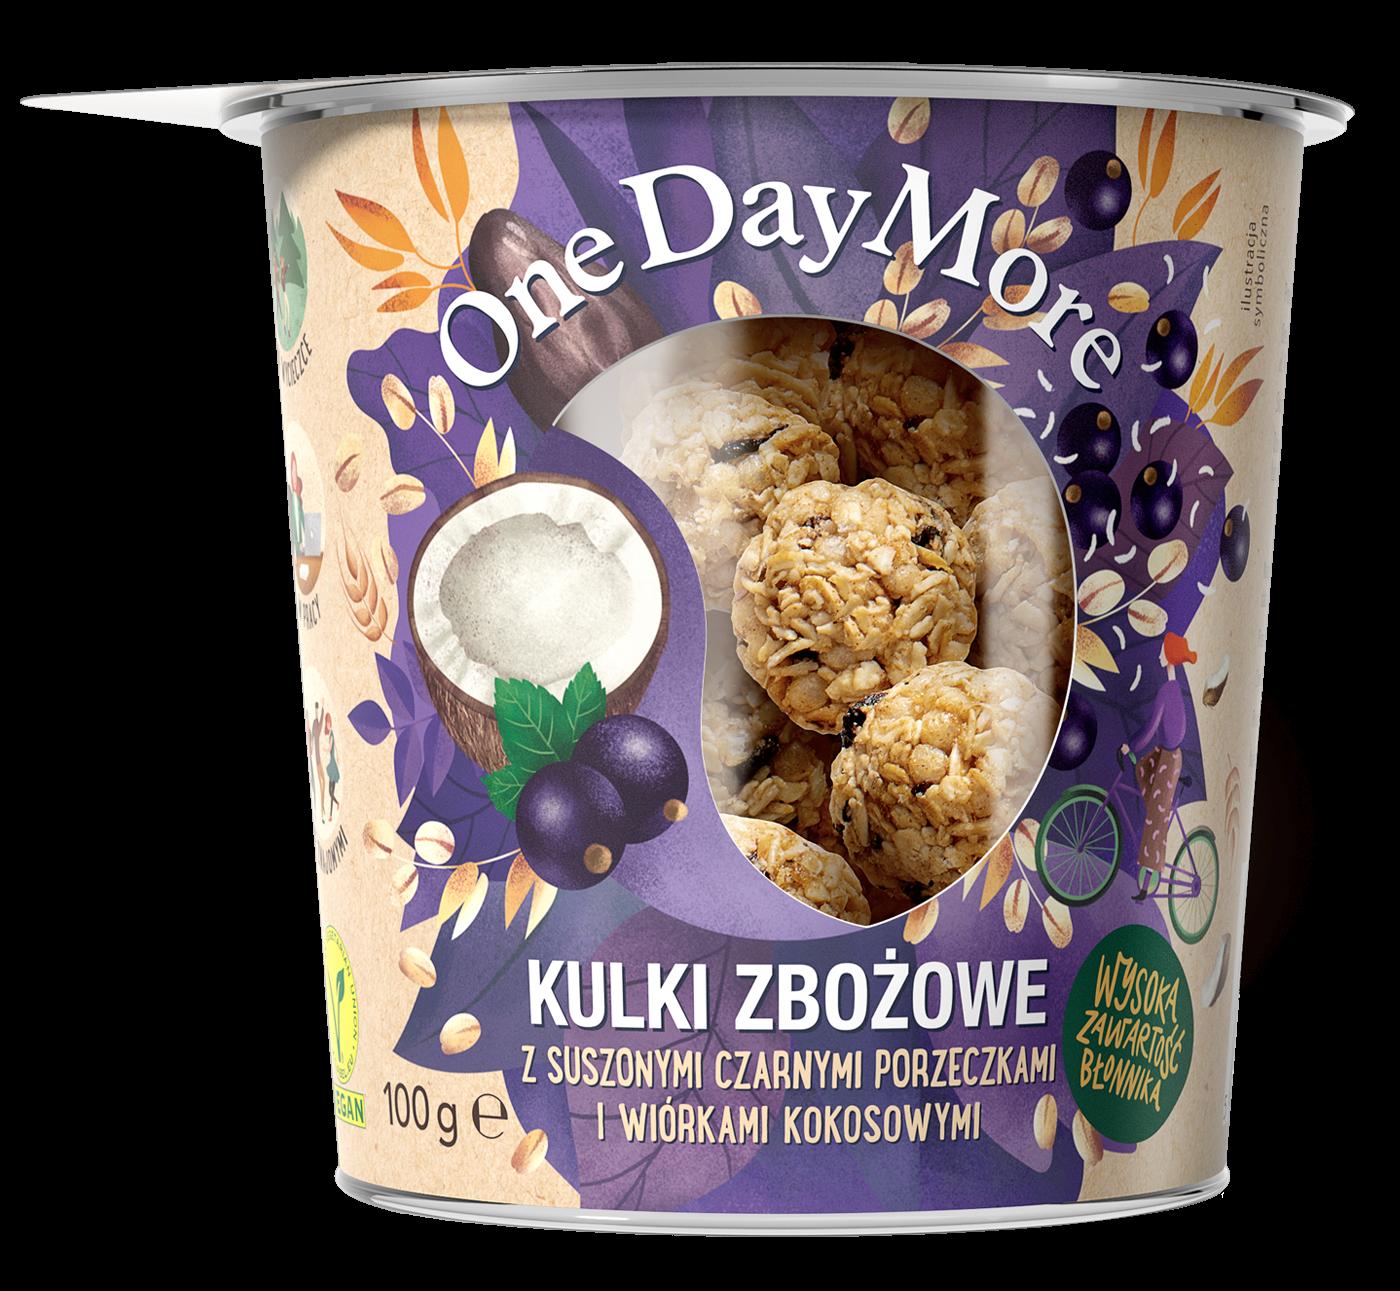 kulki-zbozowe-czarna-porzeczka-i-kokos-kubek-onedaymore-1400×1291